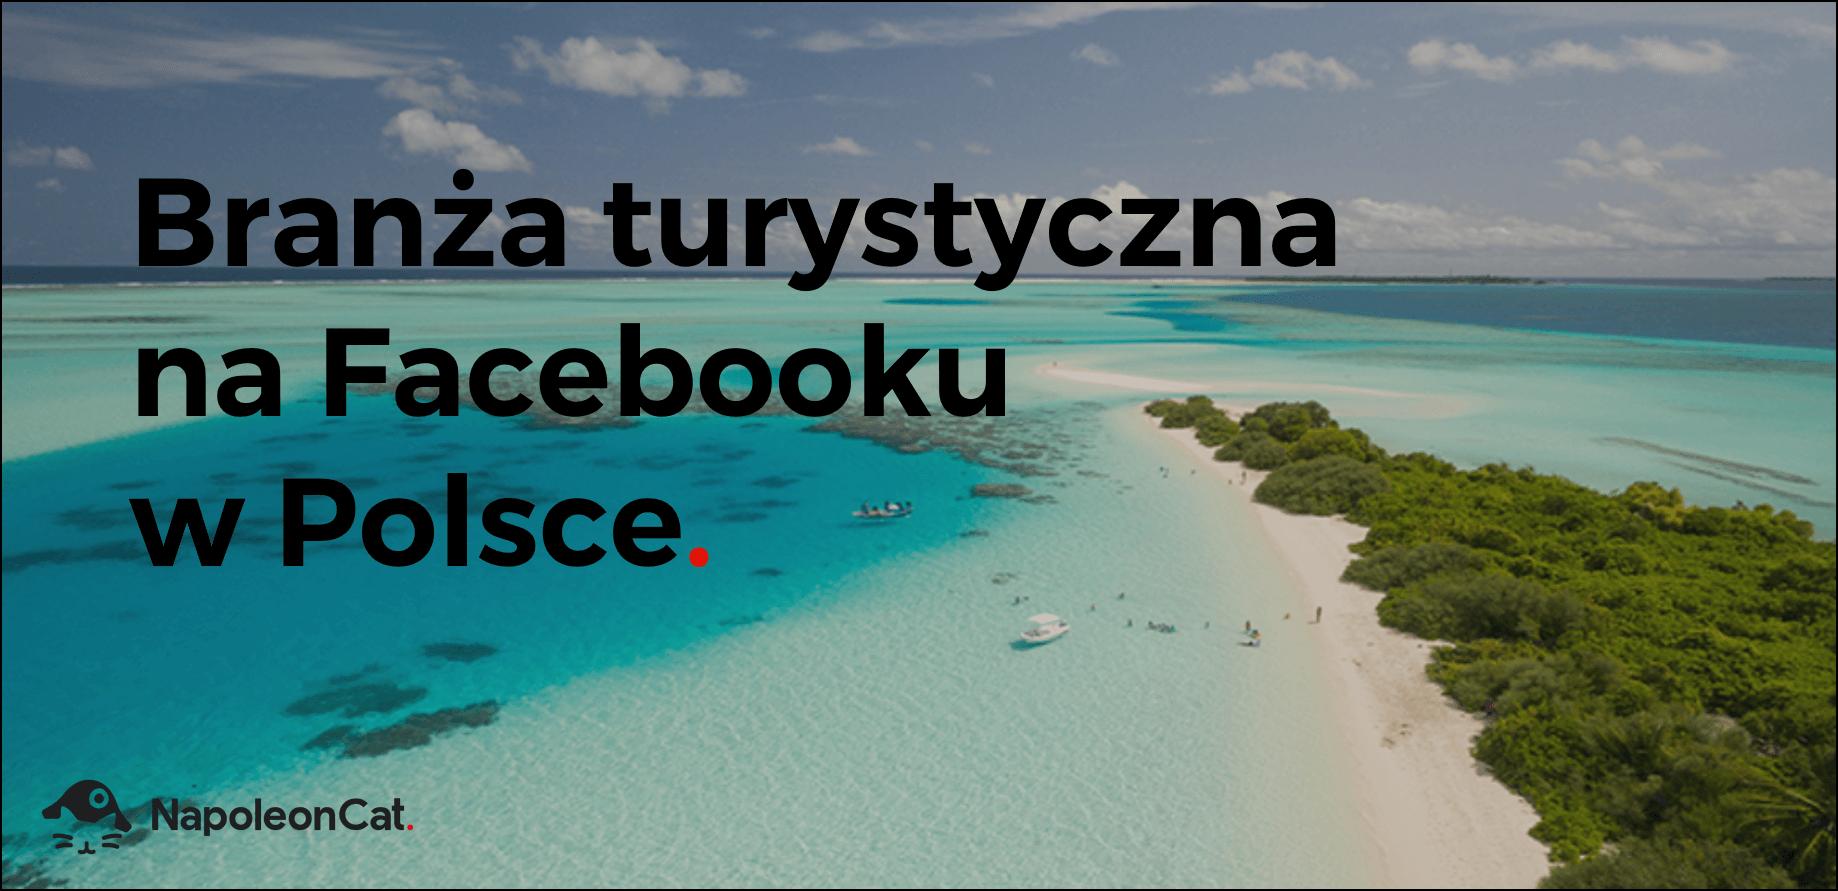 branza-turystyczna-na-Facebooku-w-Polsce-lipiec2017-ranking-NapoleonCat